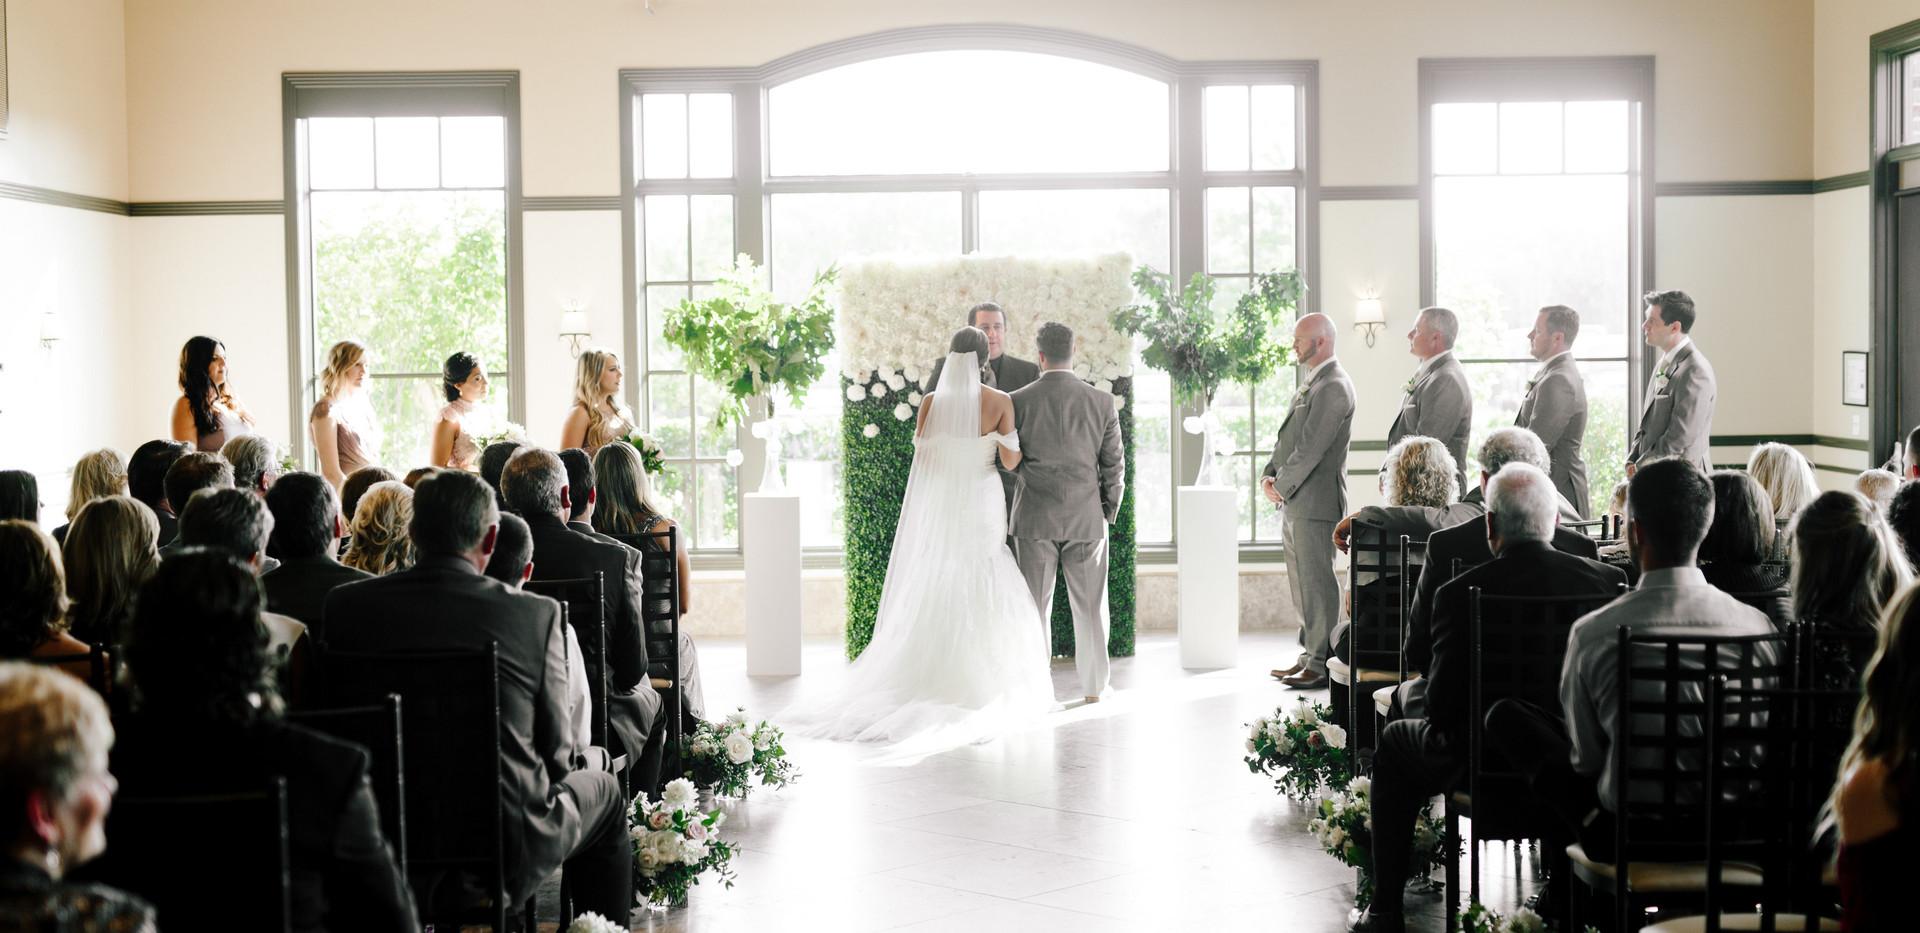 The Ceremony-0171.jpg